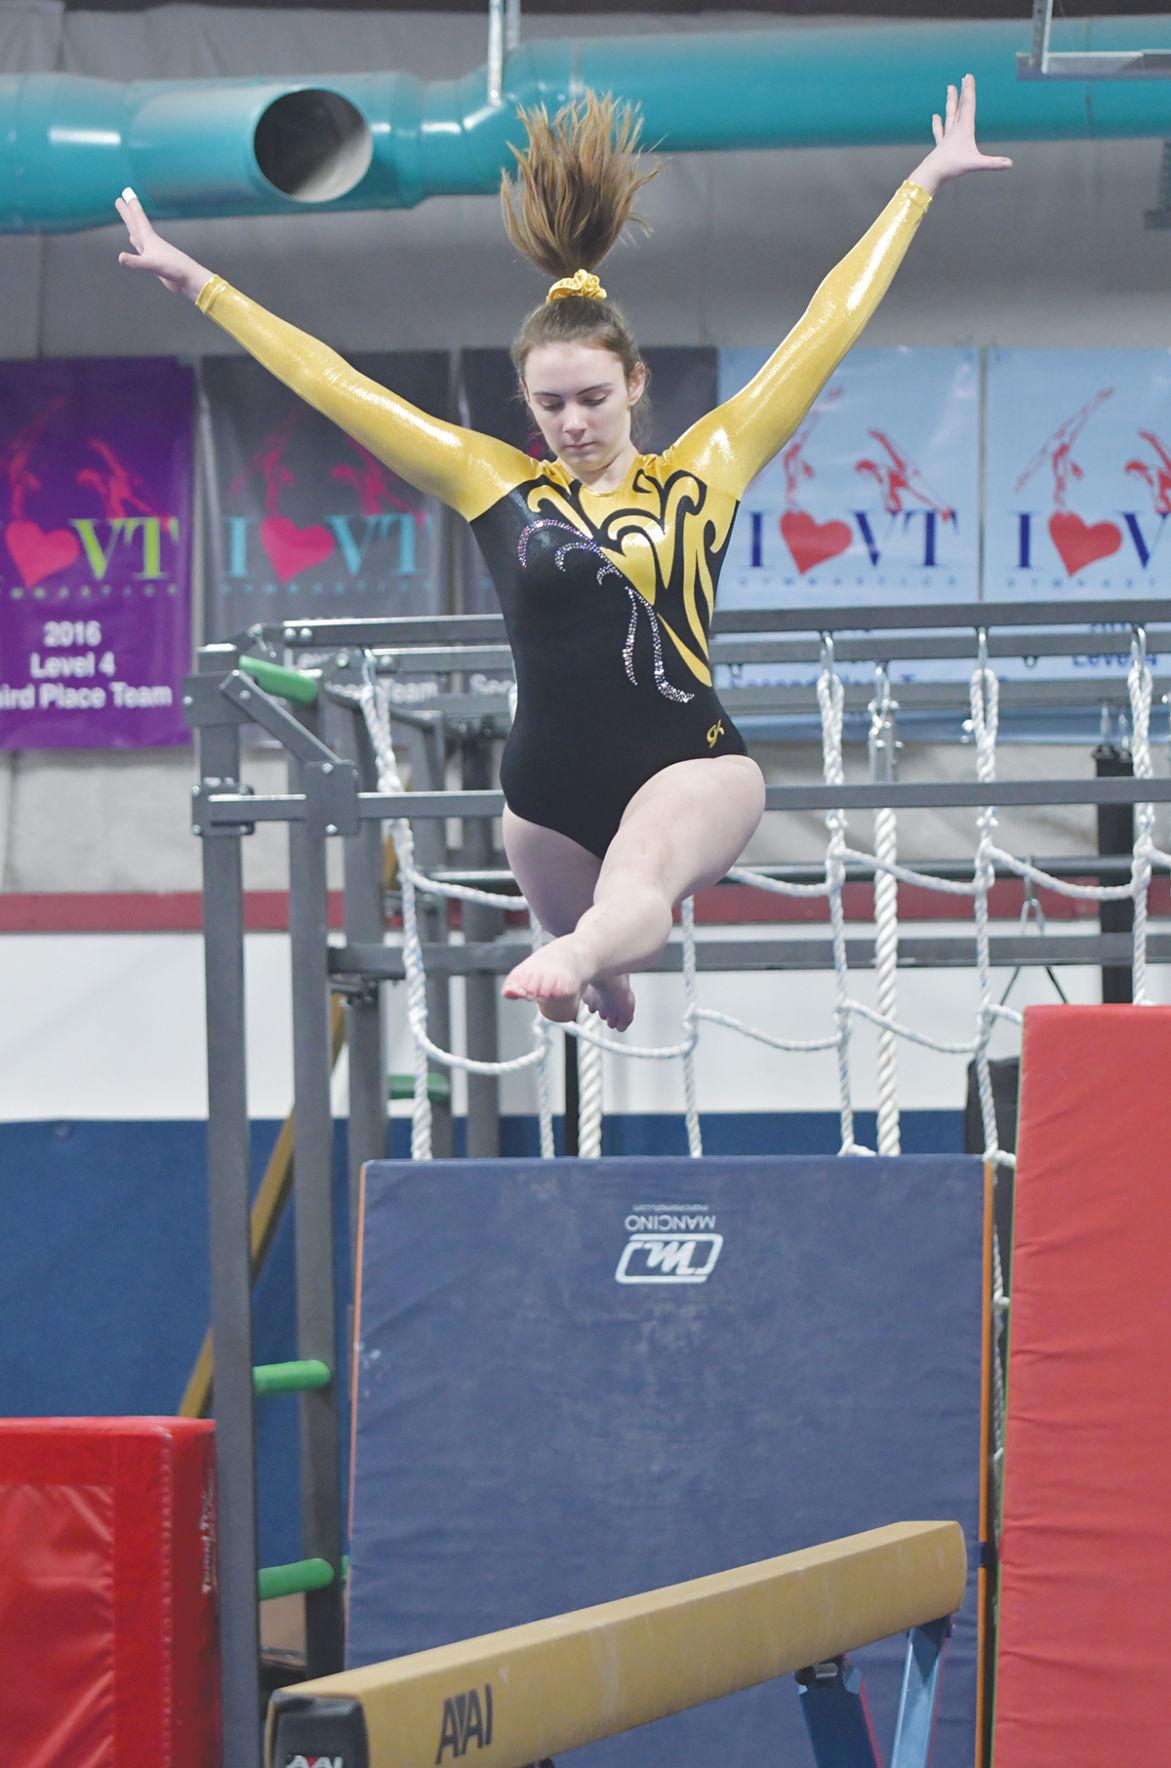 Harwood gymnastics meet: Delana Cheney